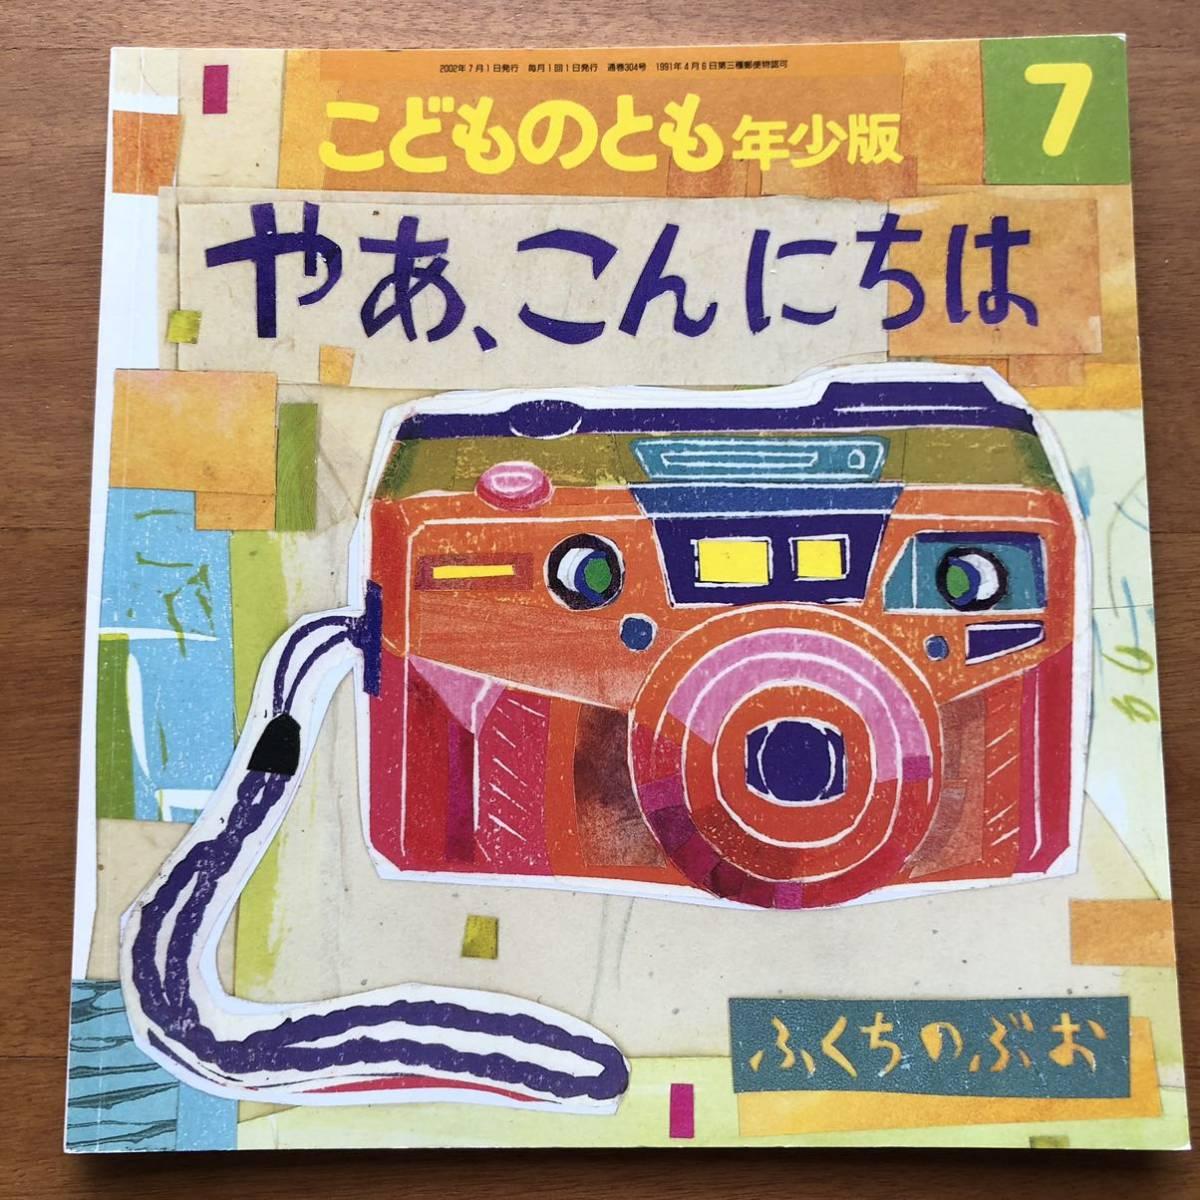 こどものとも年少版 やあ、こんにちは ふくちのぶお 福知伸夫 2002年 初版 絶版 古い 絵本 育児 保育 読み聞かせ 幼児 版画 切り絵